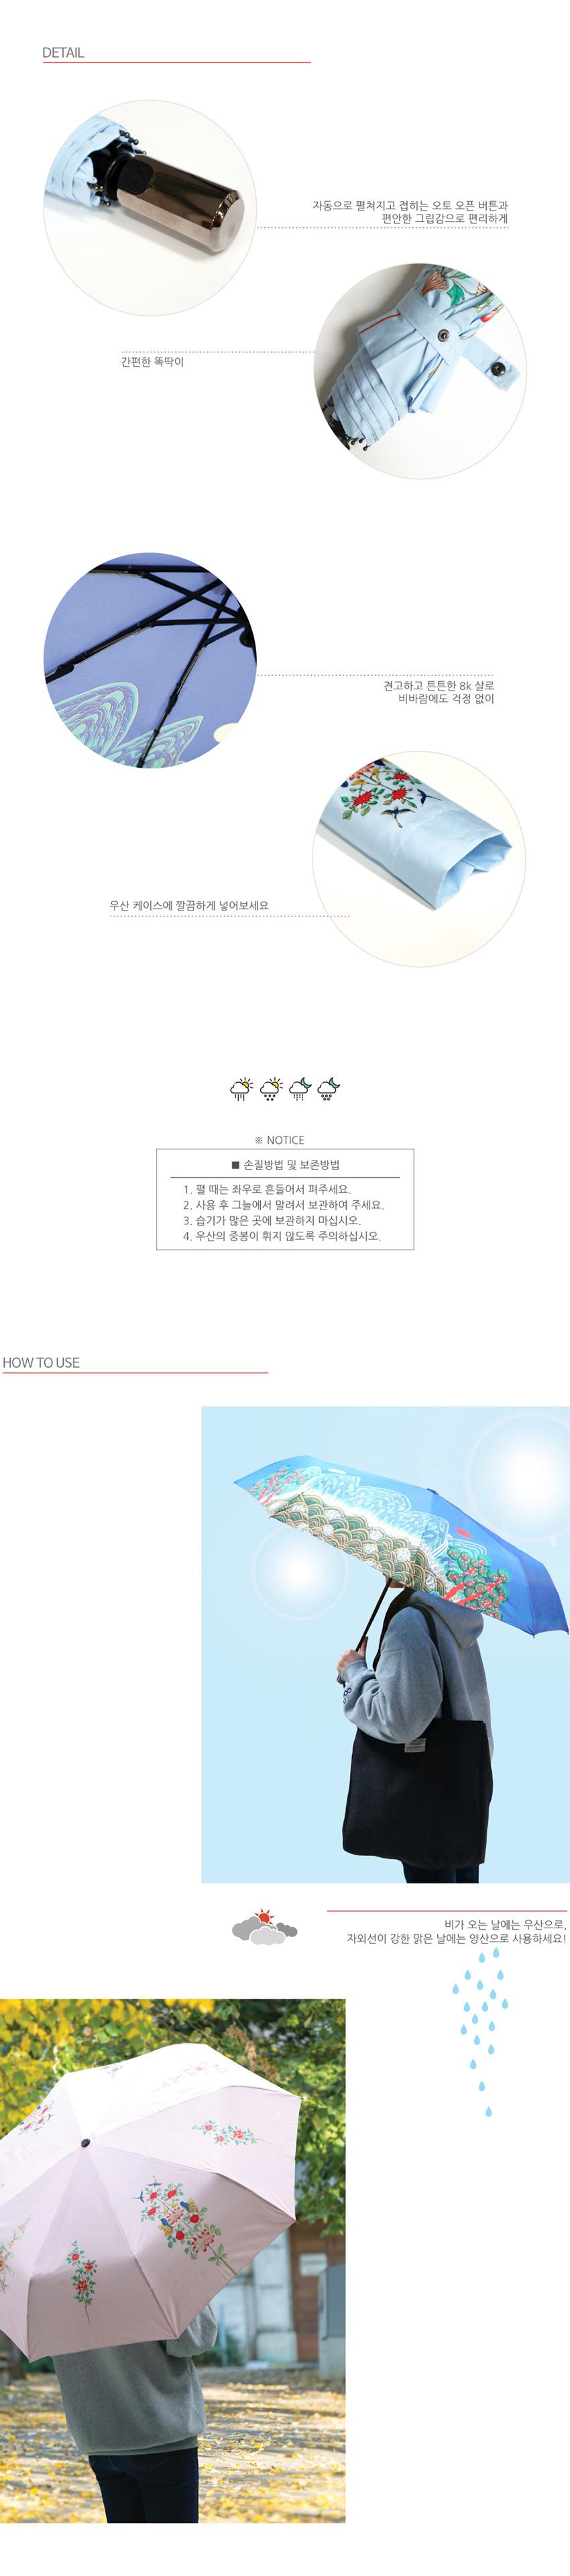 상세이미지-우산4.jpg